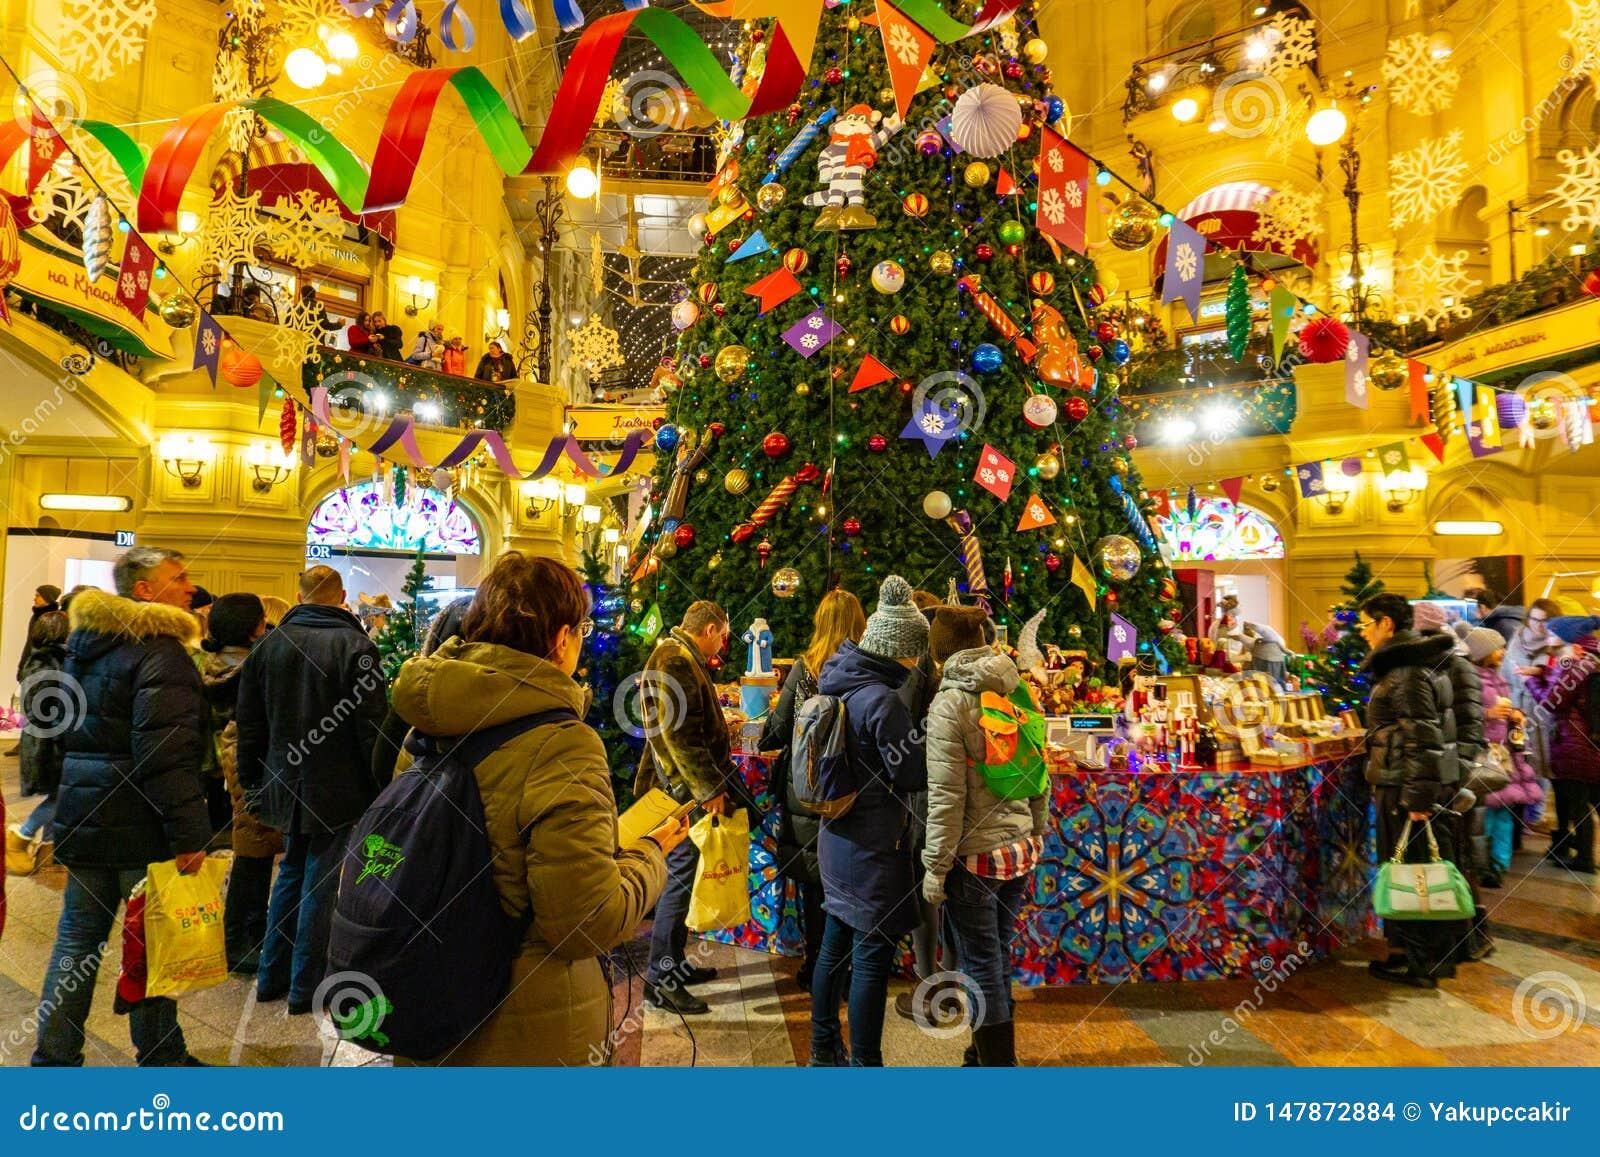 Folk p? julmarknad p? r?d fyrkant i fyrkanten den centrum f?r Moskva dekorerad och upplyst r?da, f?r jul